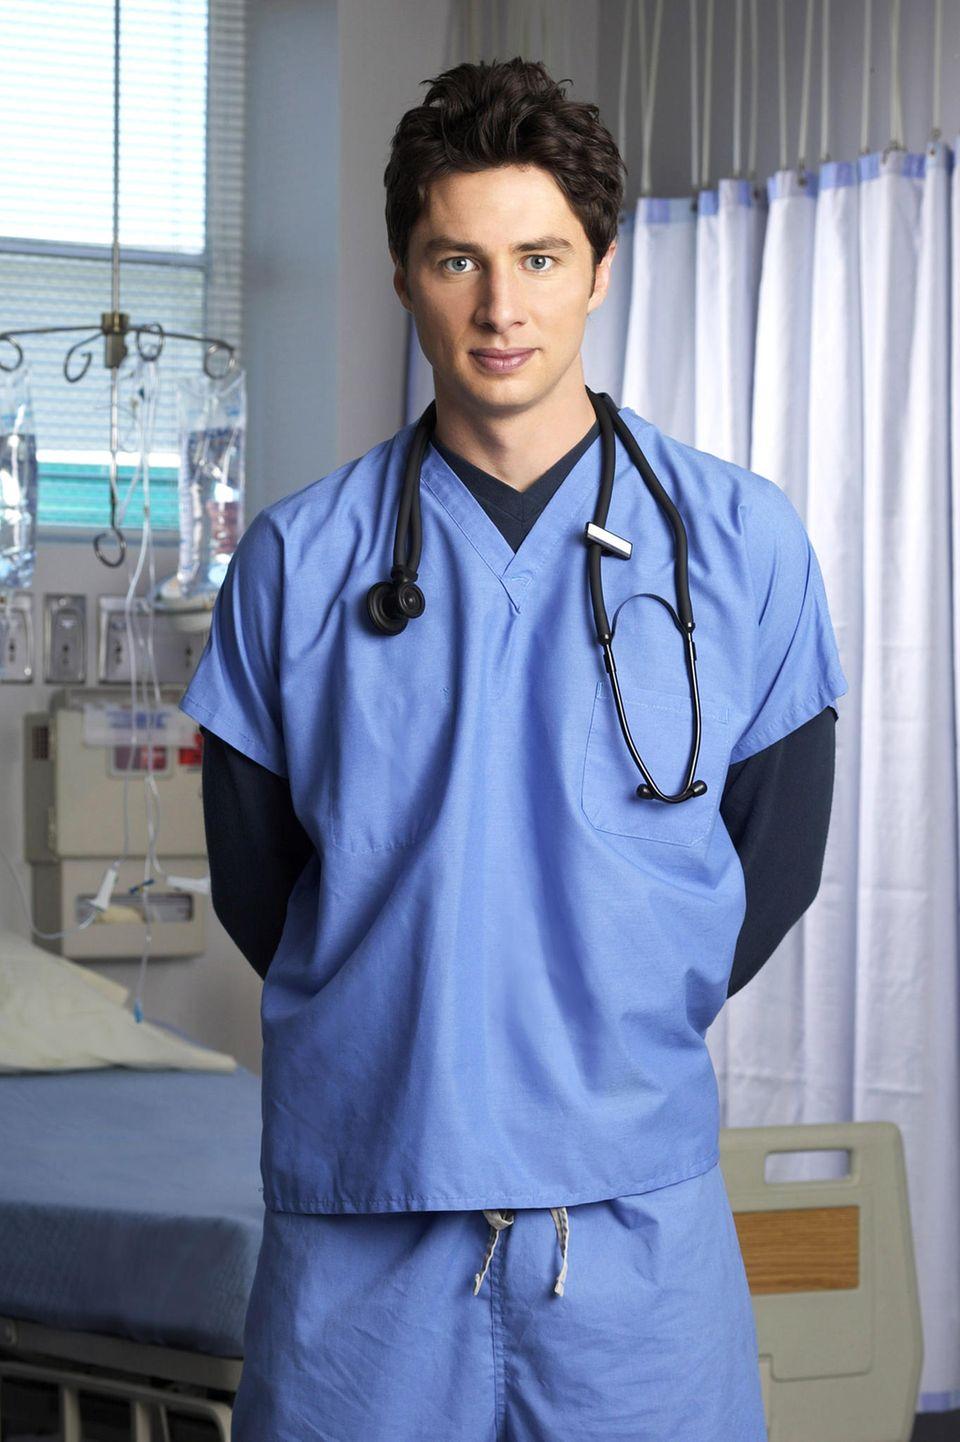 """Zach Braff macht als trotteliger Jungarzt John Dorian in """"Scrubs"""" die """"Bromance"""" salonfähig und sichert sich via Facebook und Twitter die Unterstützung einer großen Fanschar - die hat sogar schon einen Film von ihm finanziert. Doch was macht der Schauspieler eigentlich heute?"""